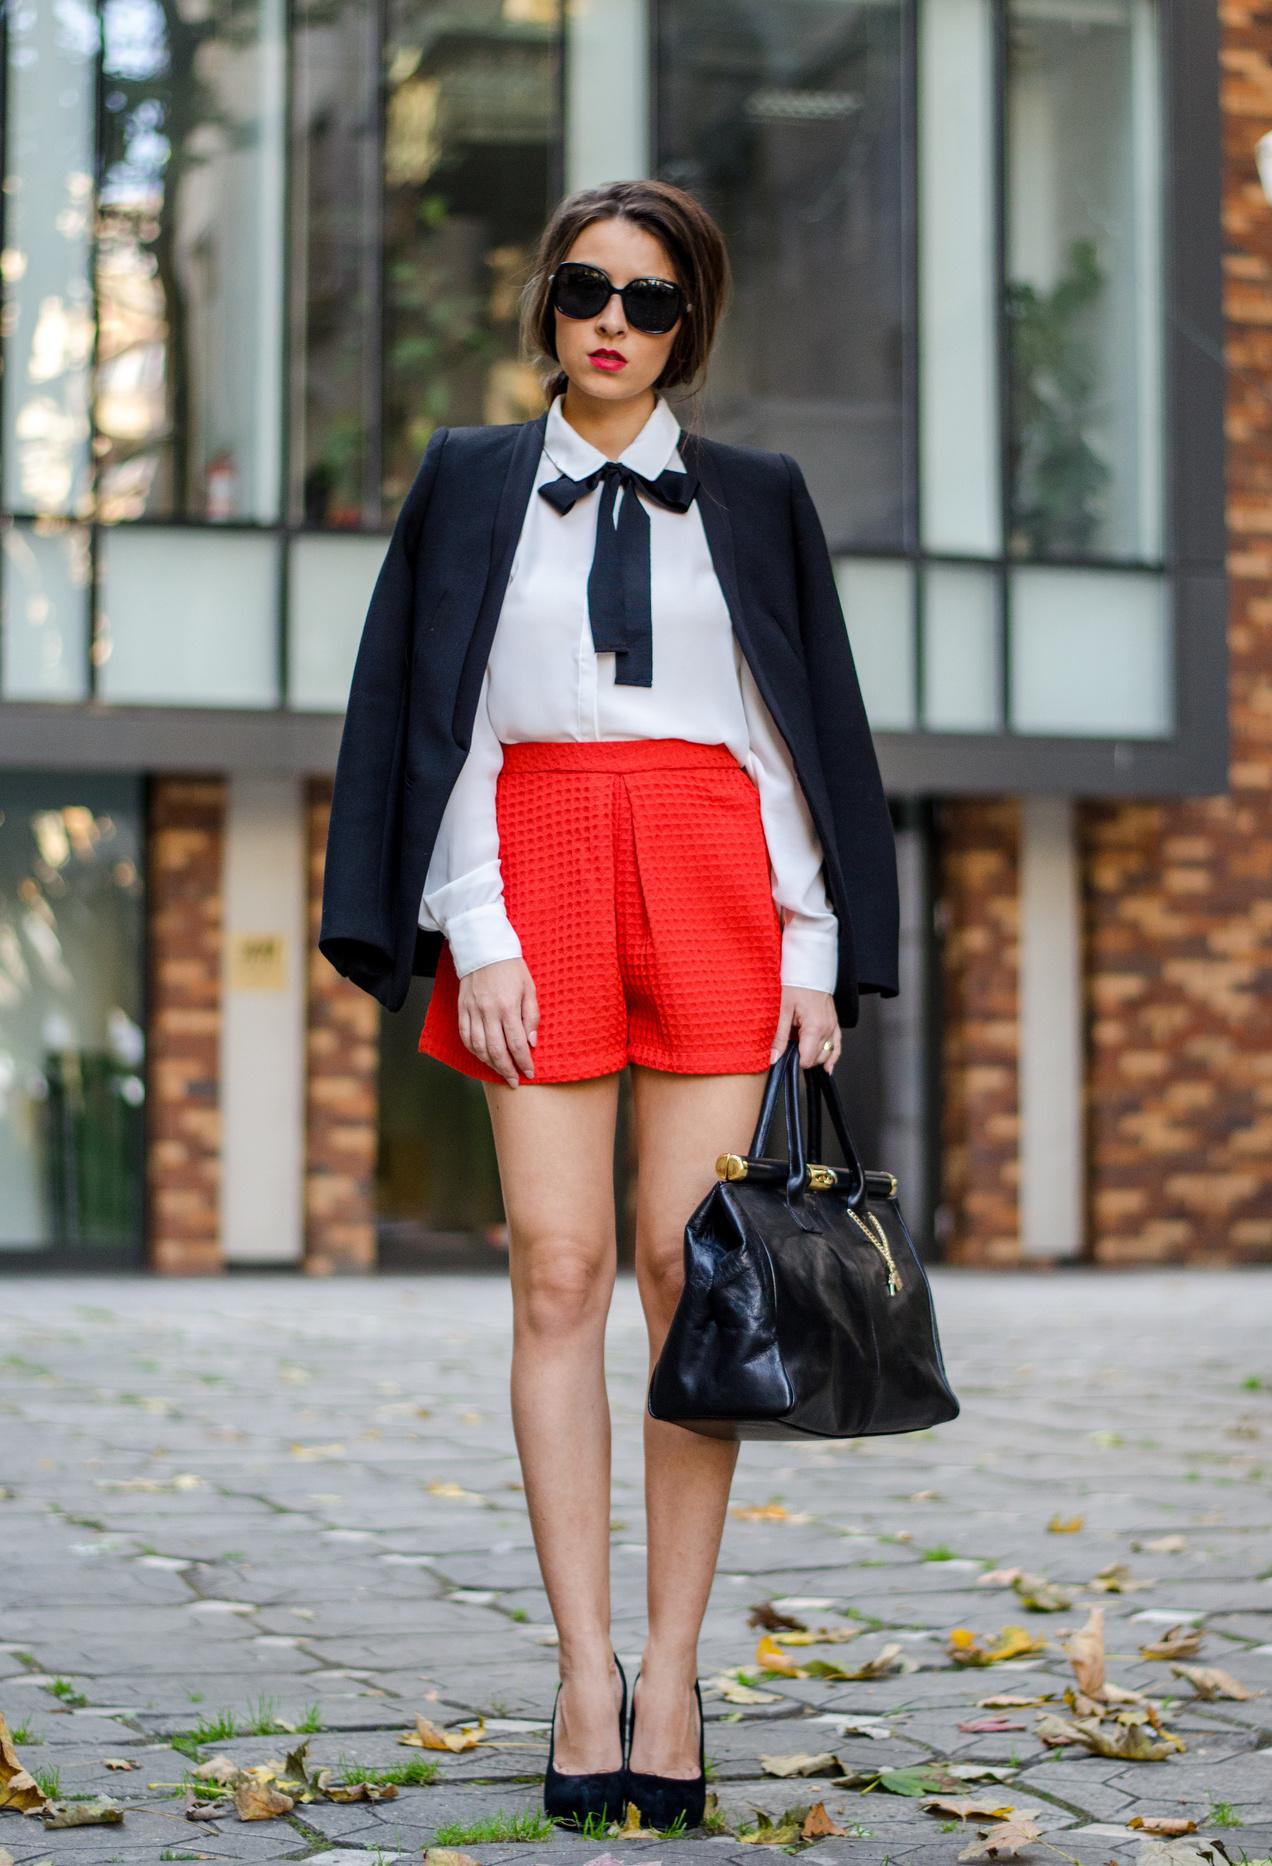 Fashion stylist schools in atlanta 32